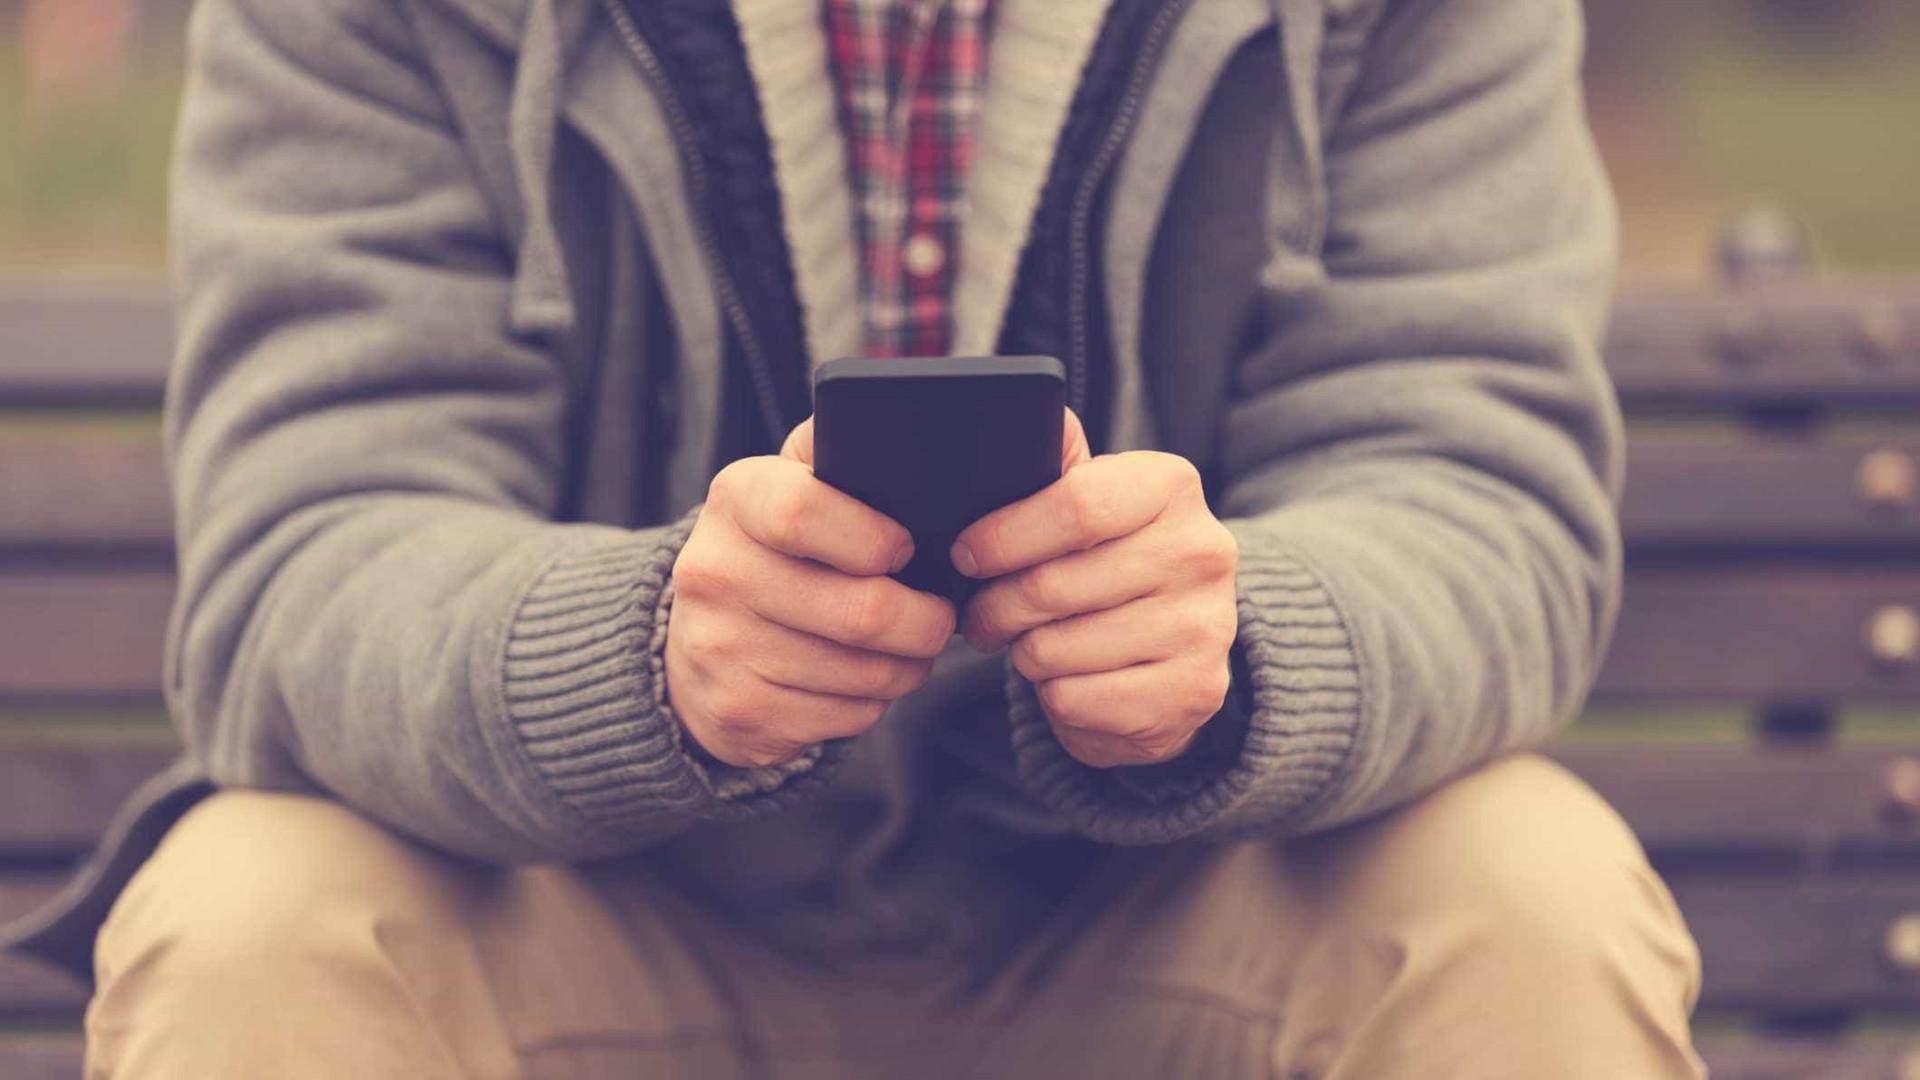 RCS, as novas mensagens que podem vir a ameaçar o WhatsApp